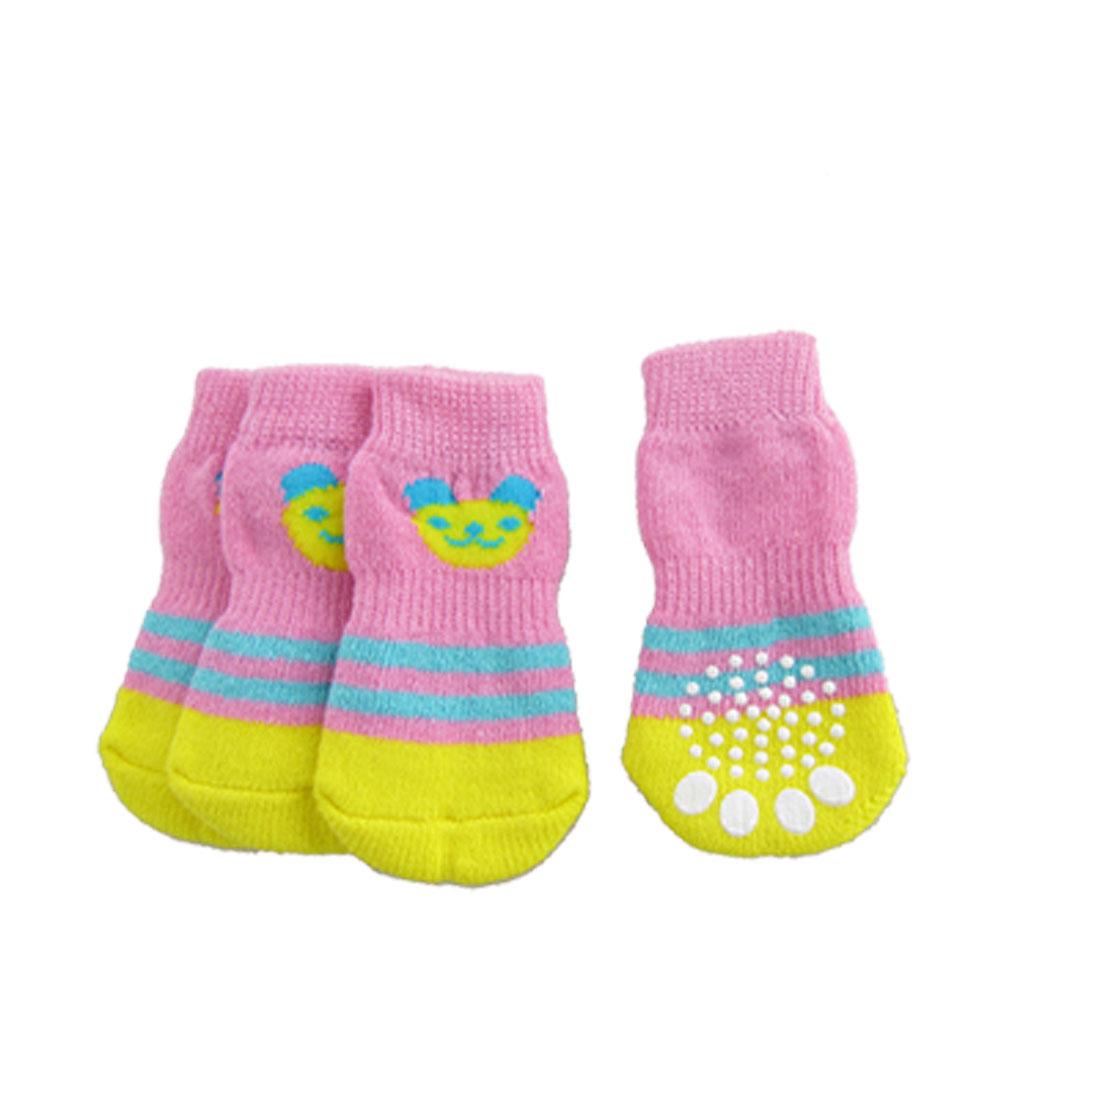 Nonslip Bottom Blue Stripe Knitted Winter Socks for Dog